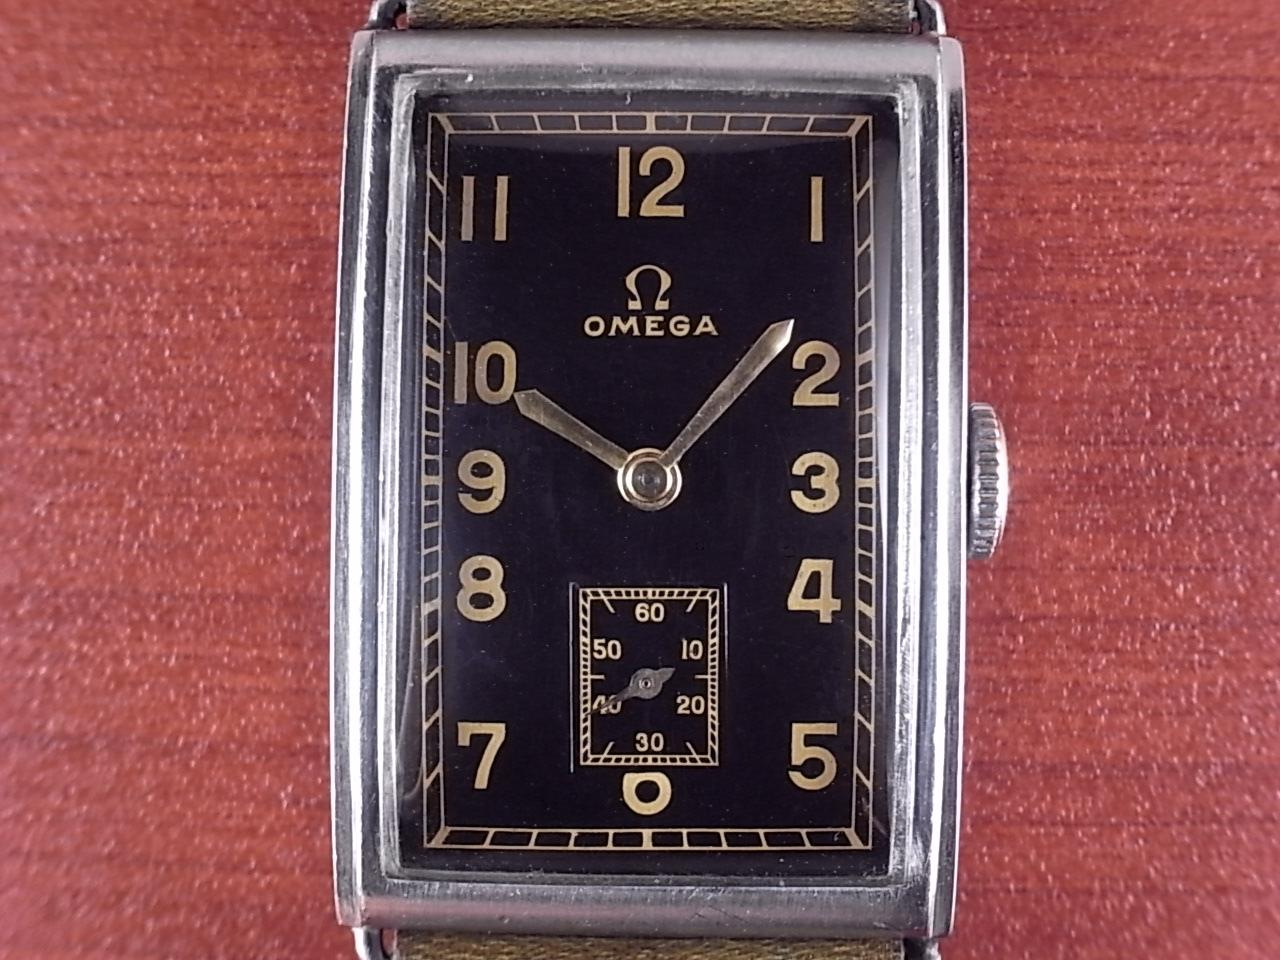 オメガ キャリバー20F レクタンギュラー ブラックミラー 1930年代の写真2枚目